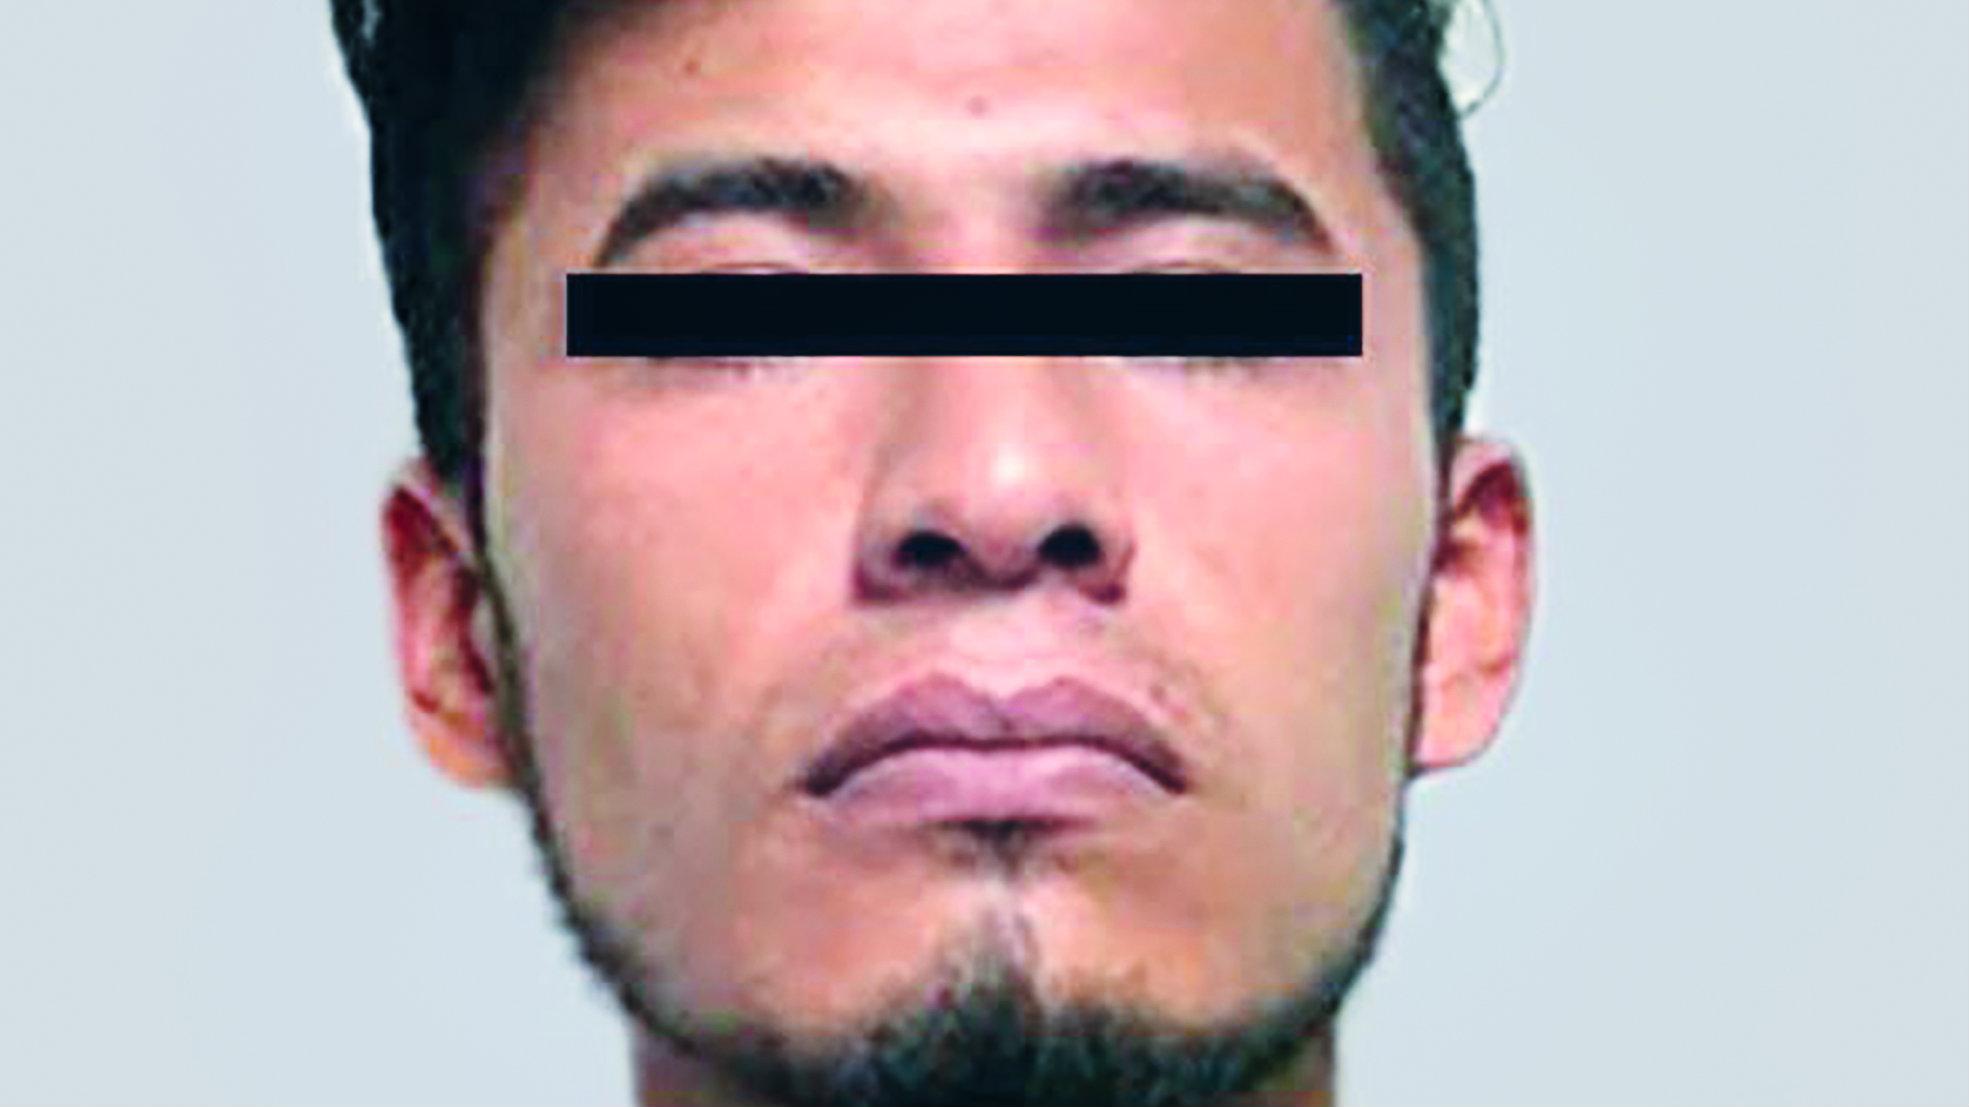 Joven es detenido por matar a su novia, en Zinacatepec | El Gráfico